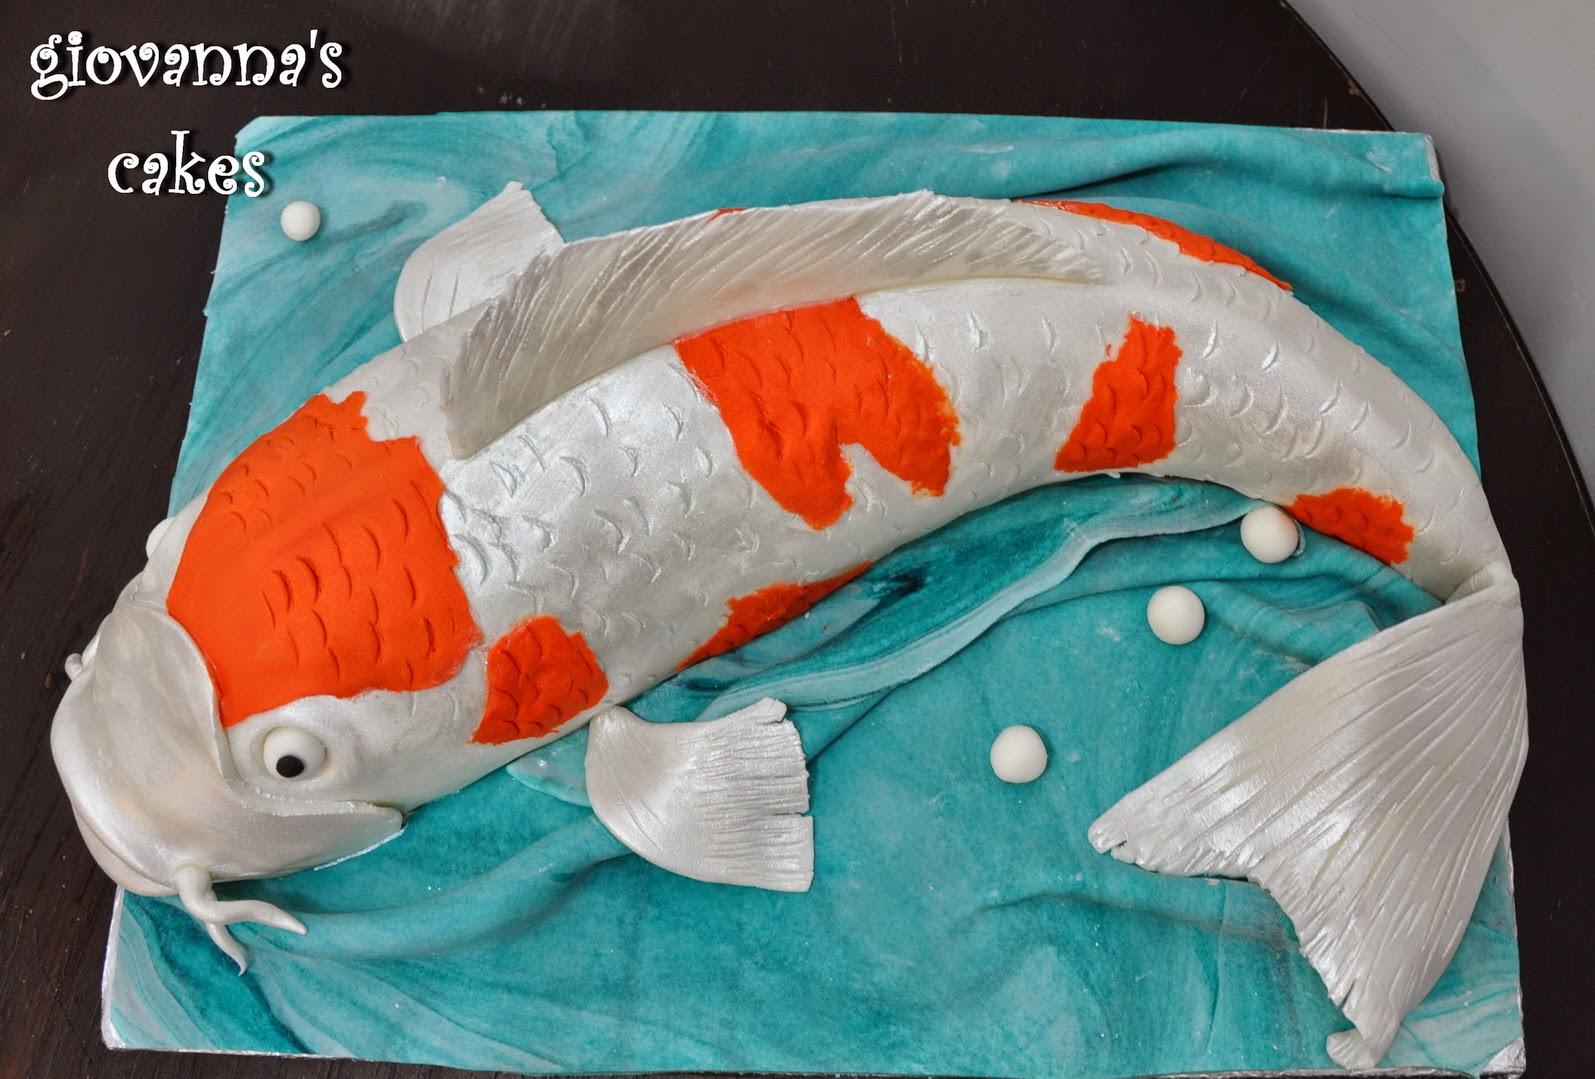 giovanna s cakes: Koi fish cake